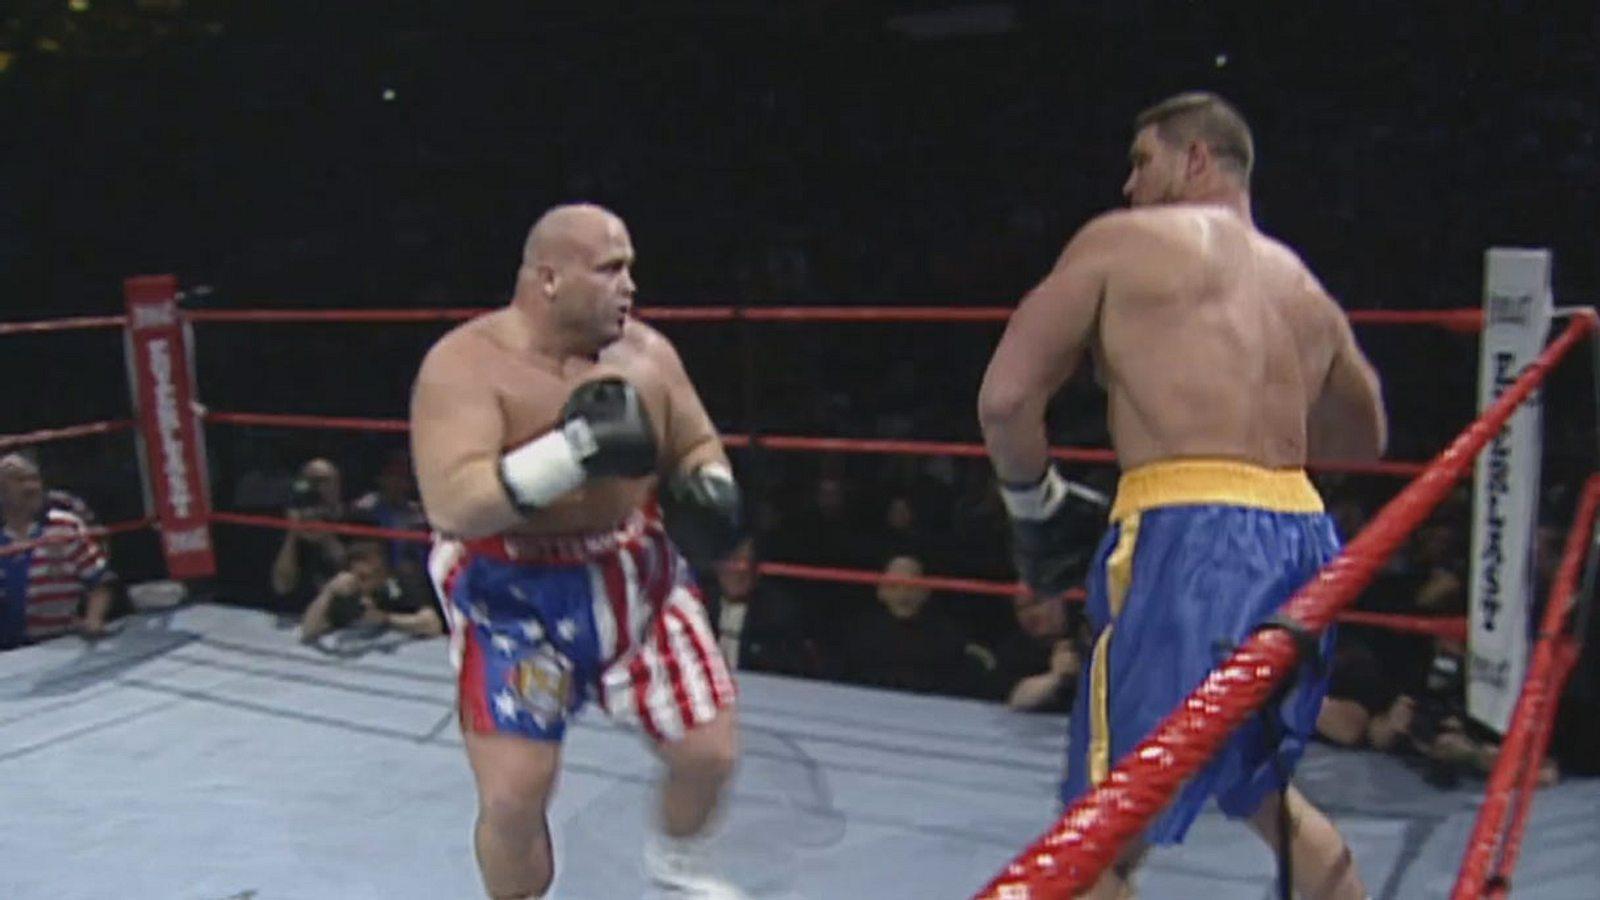 Fürchterlicher Fehler: Als die WWE Wrestler gegen Boxer antreten ließ